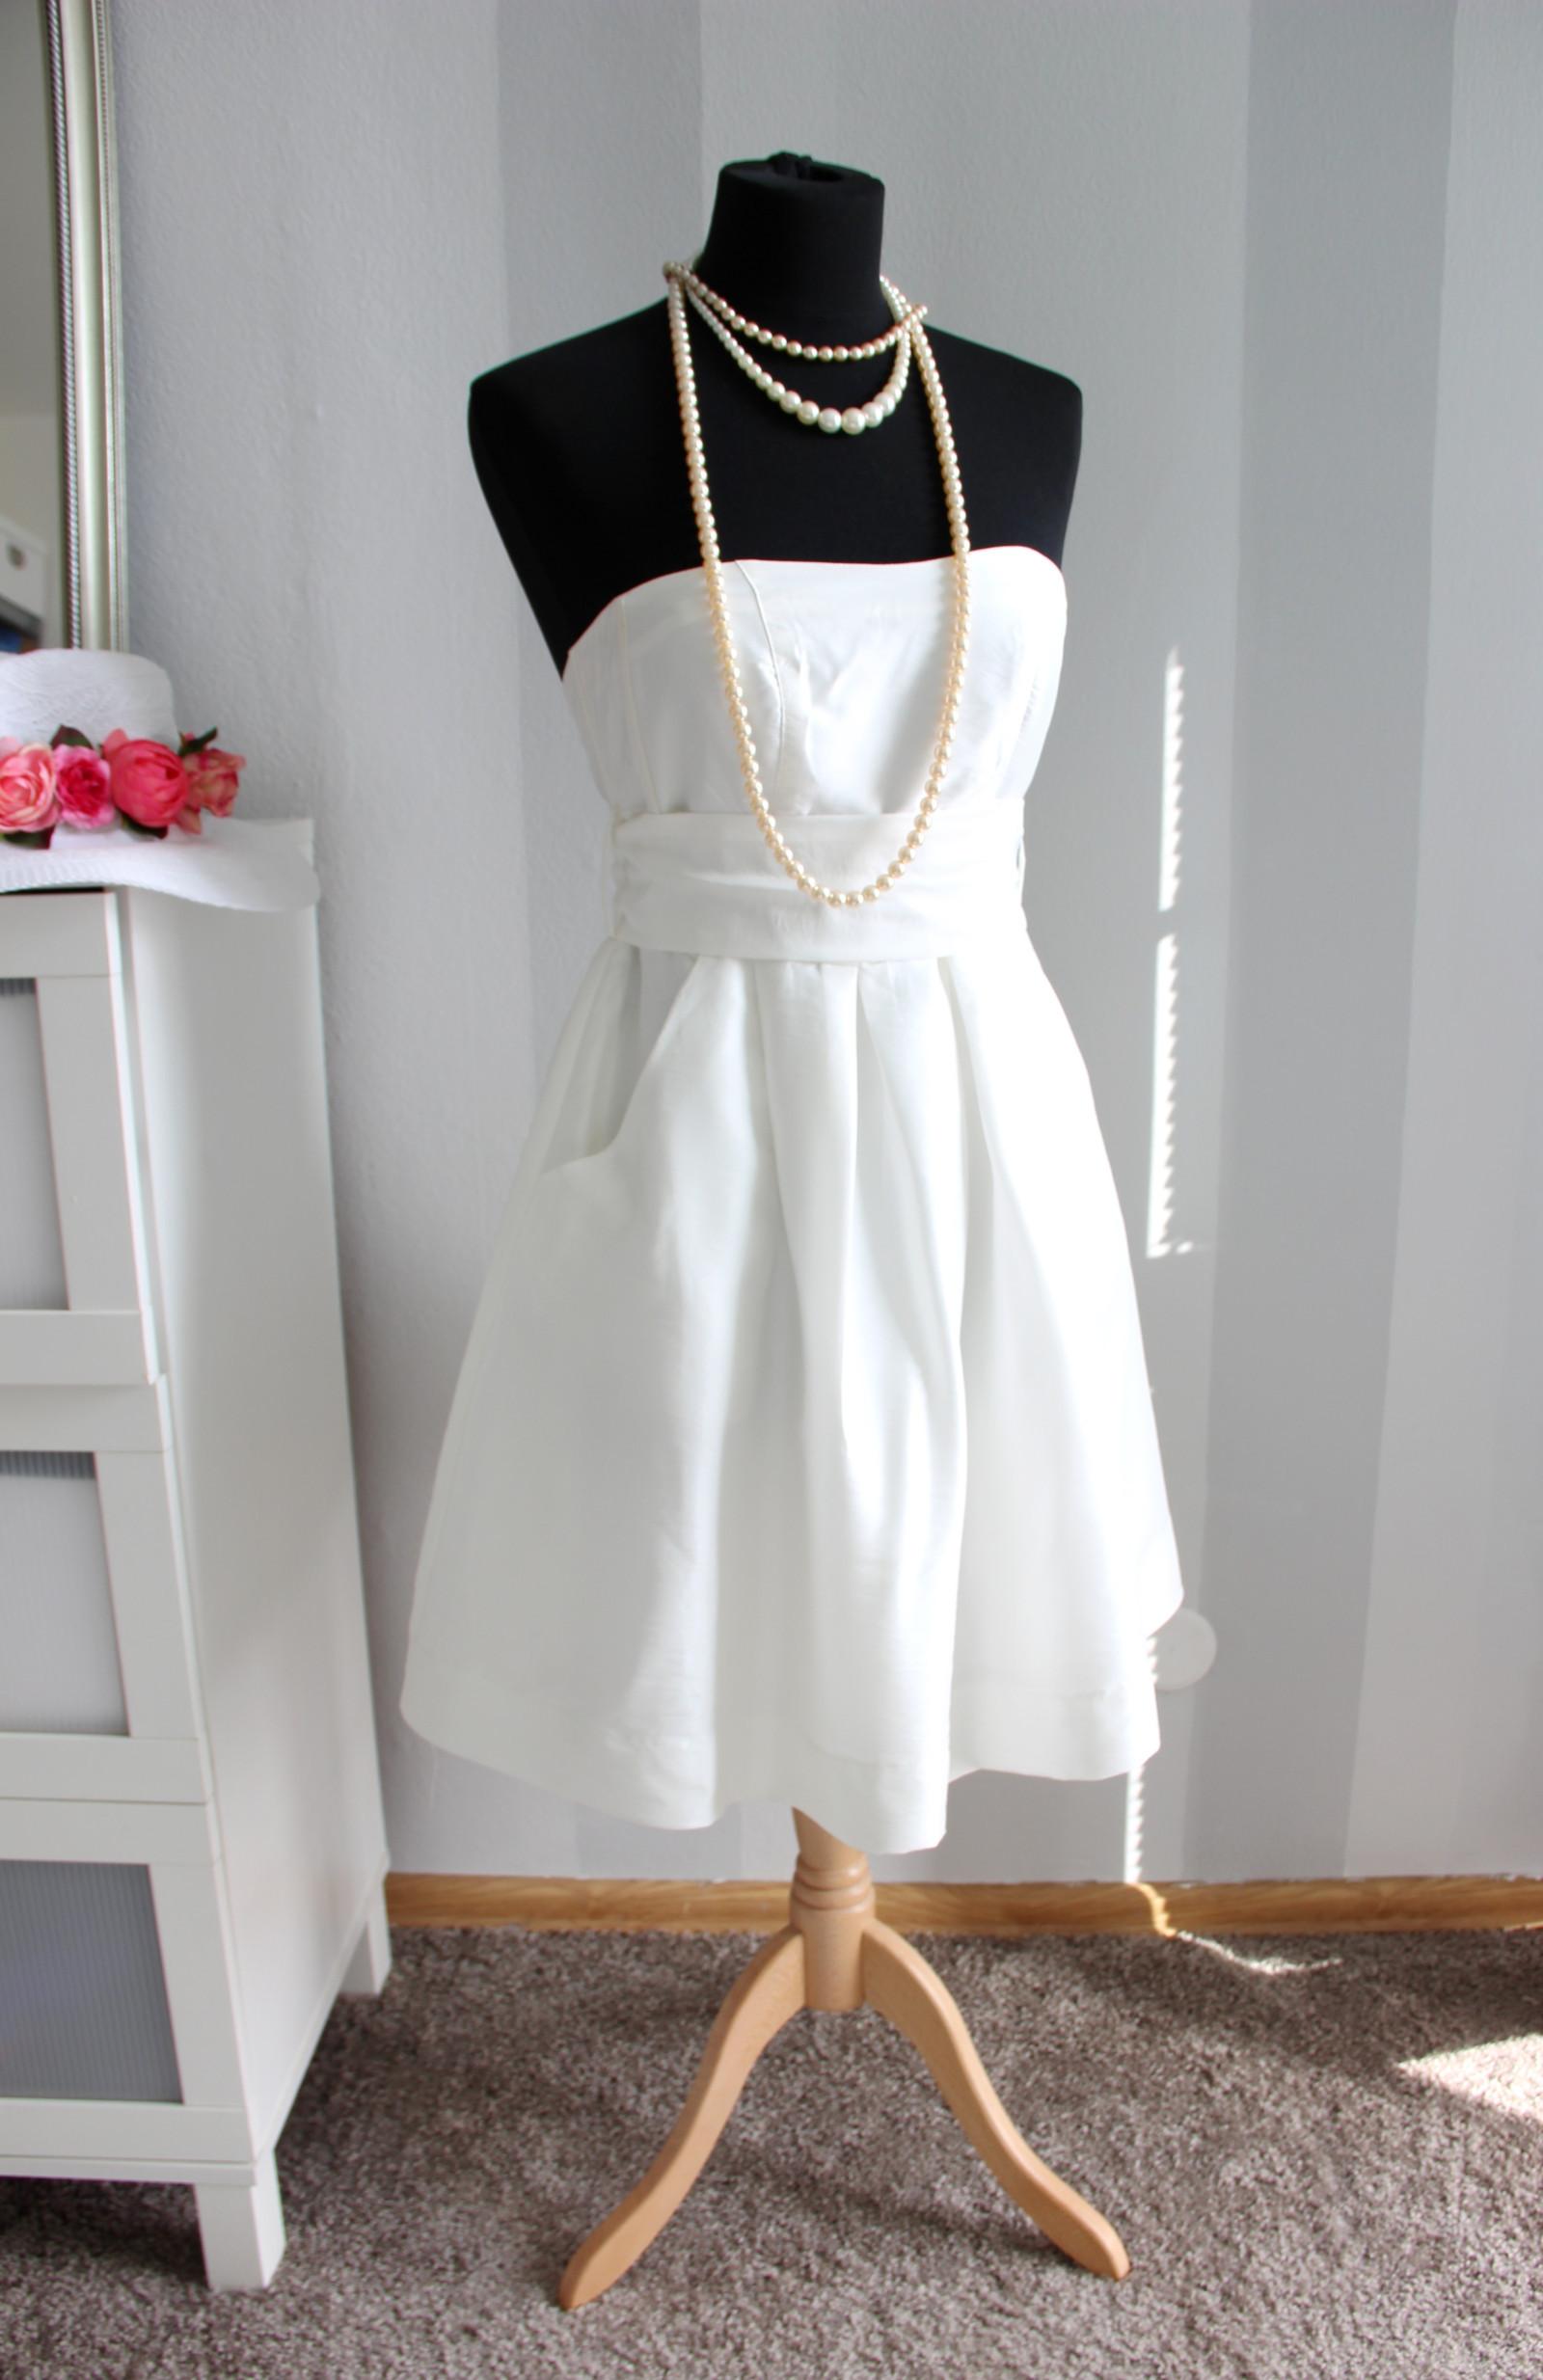 826e0b7ce350 Bělostně bílé chic šaty alá Marilyn Monroe   Zboží prodejce Madame ...